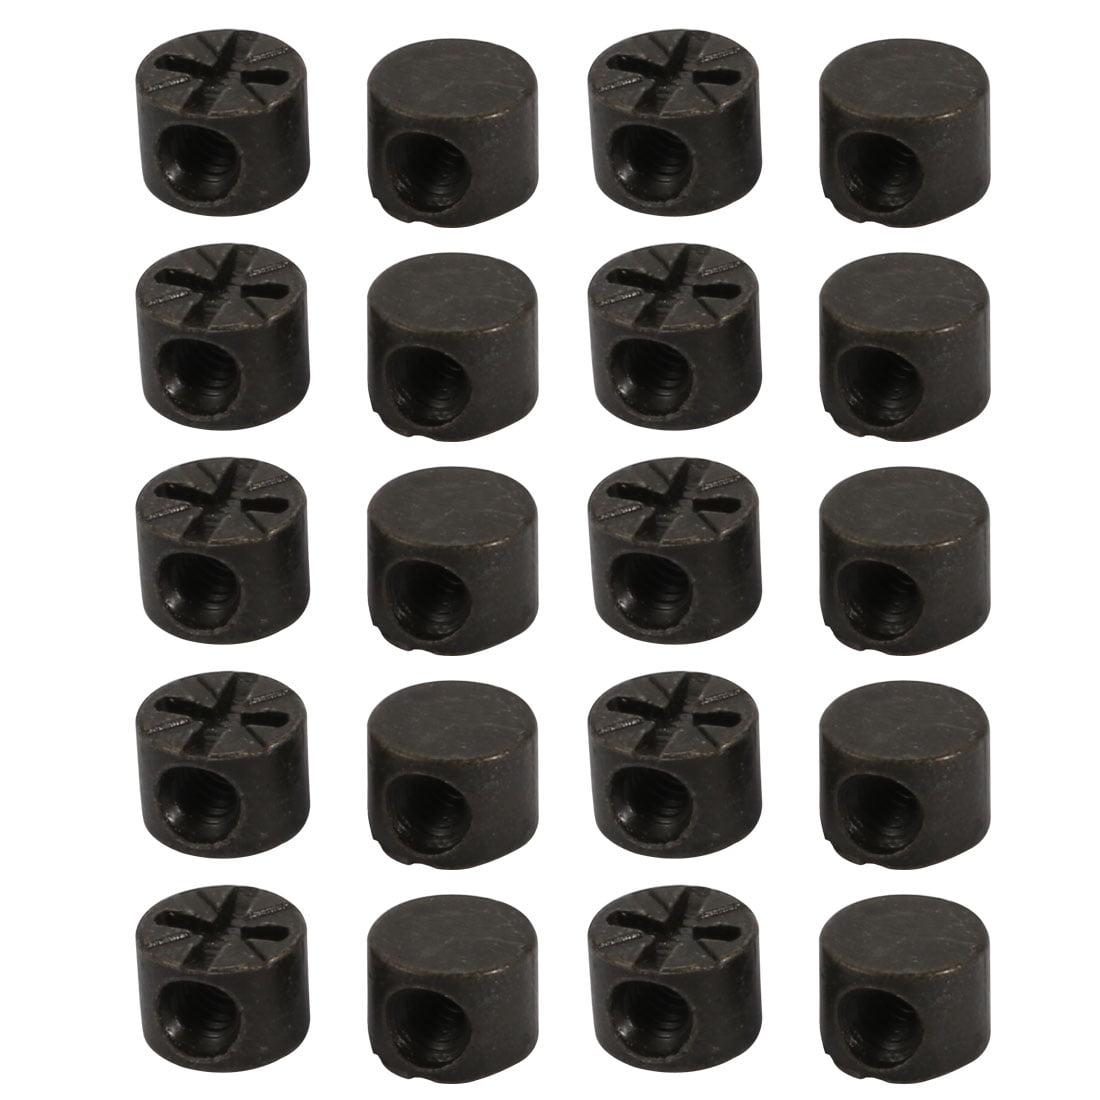 """Unique Bargains 20pcs 5/32"""" Thread 7mm Length Zinc Alloy Pozidriv Drive Cross Dowel Nut Black - image 4 de 4"""